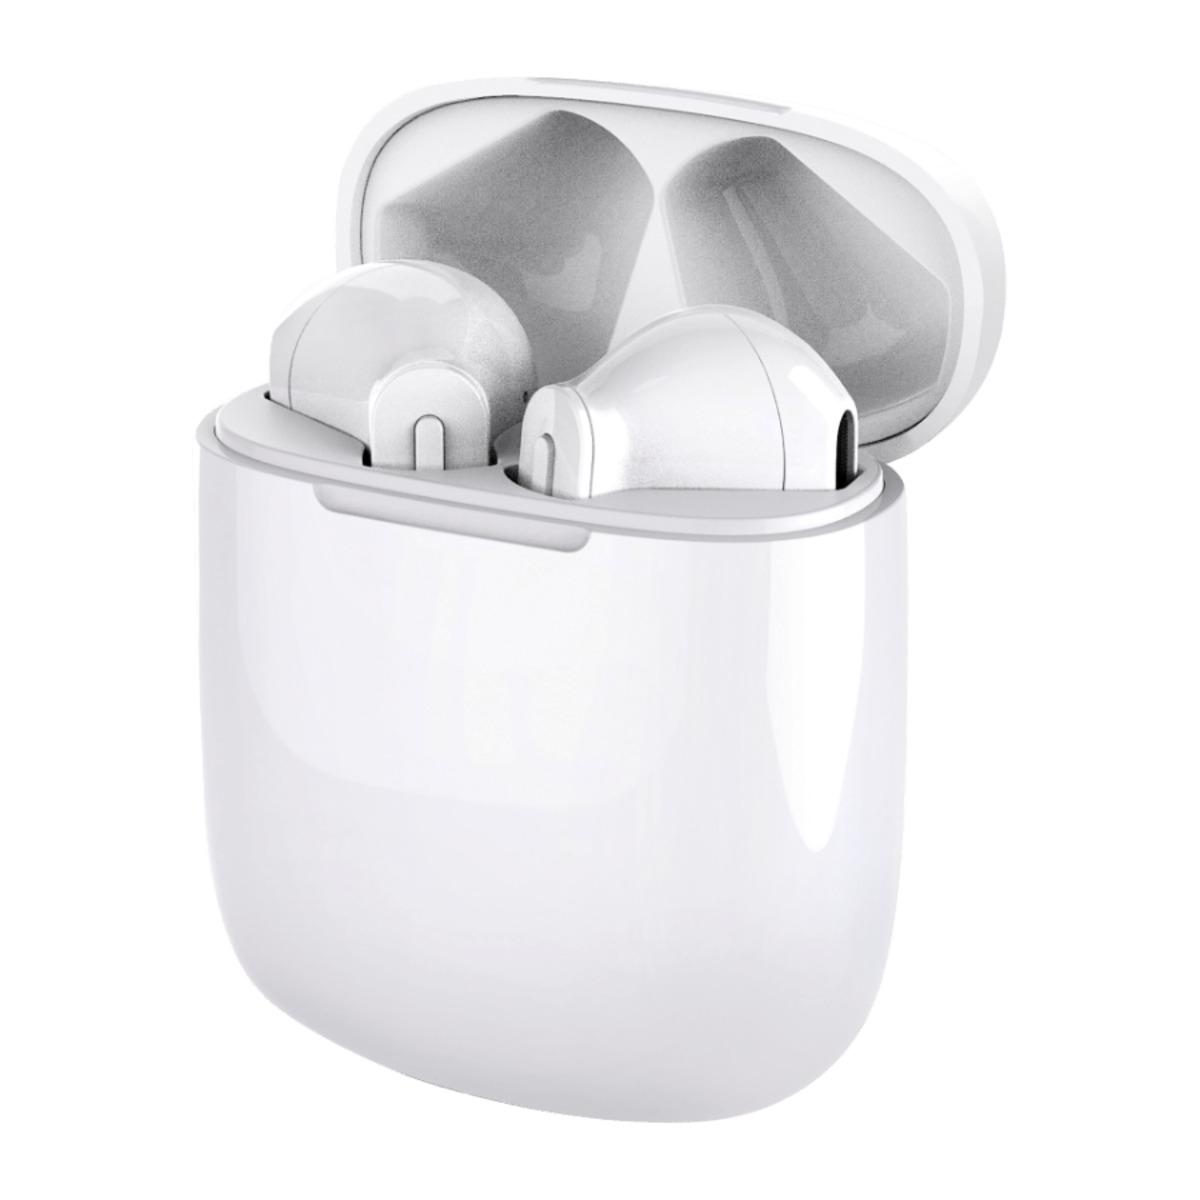 Bild 3 von Maginon BIK-3 True Wireless Stereo Ohrhörer